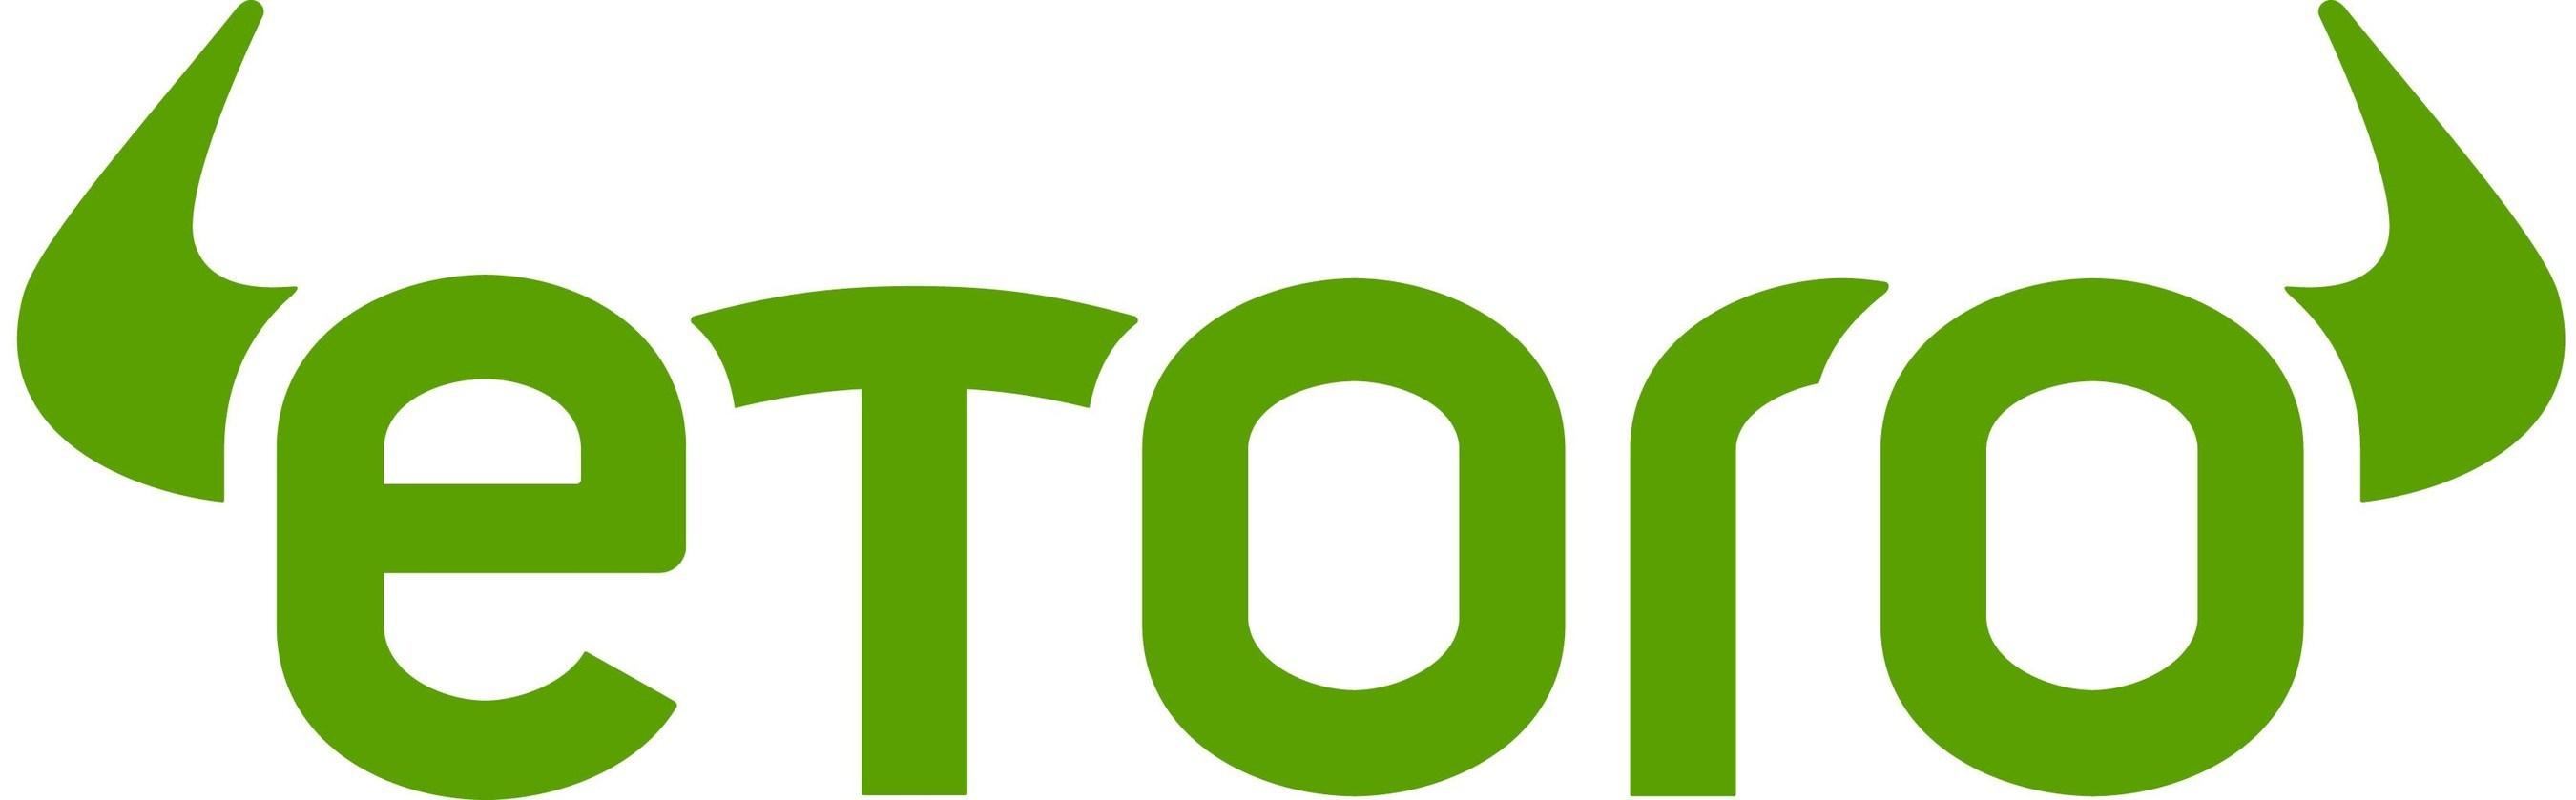 e-toro